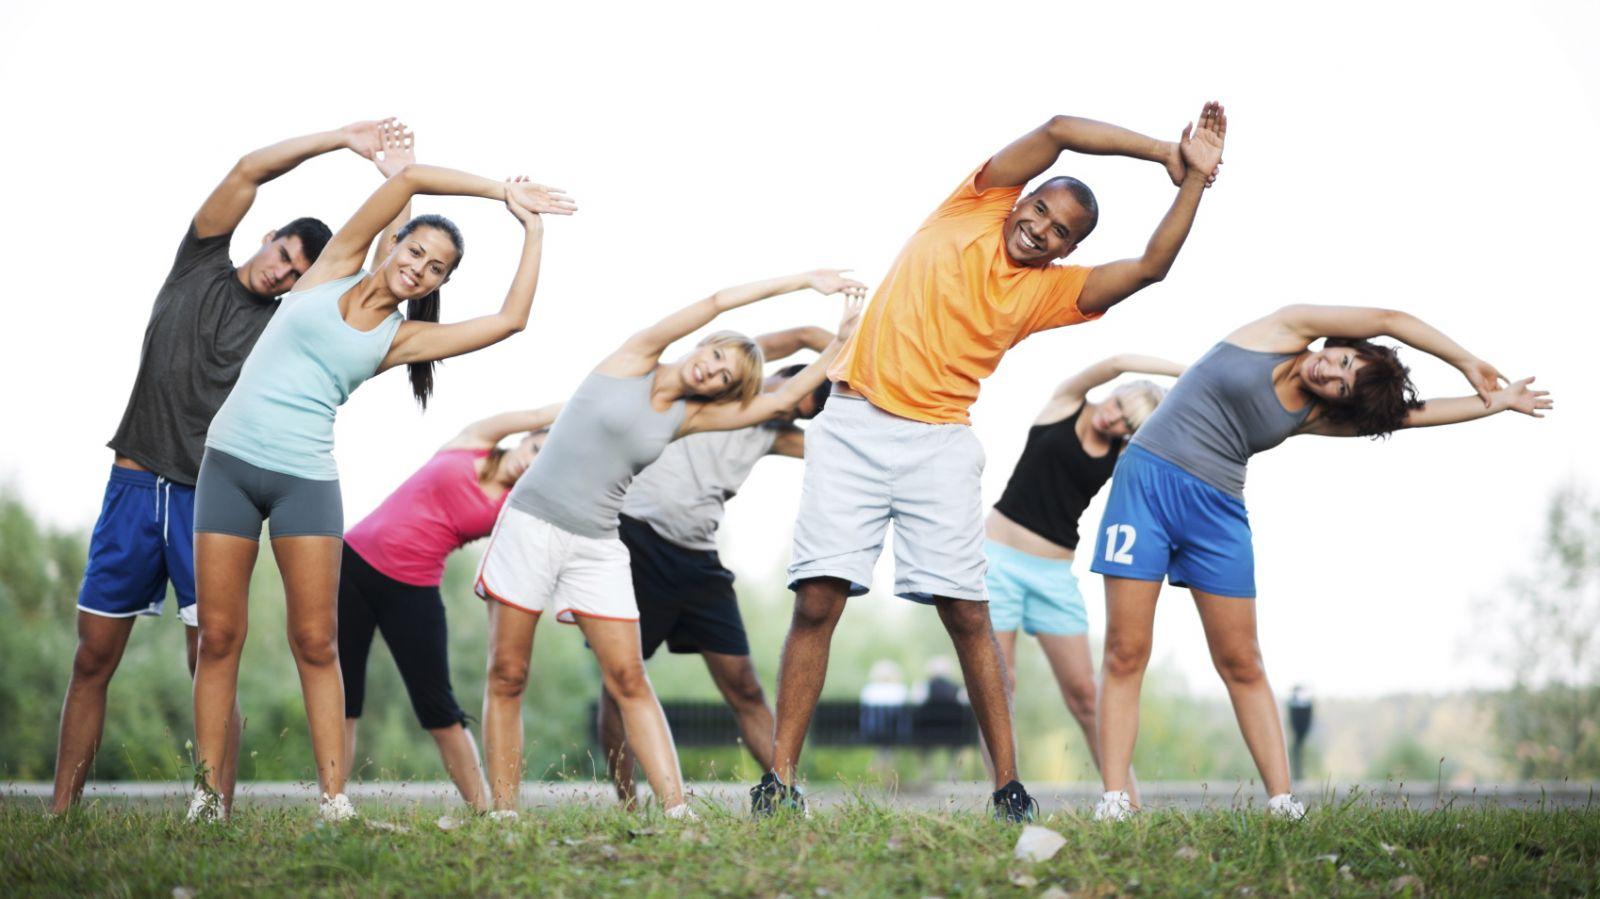 Tập thể dục có tác dụng gì? Nên tập thể dục lúc nào?